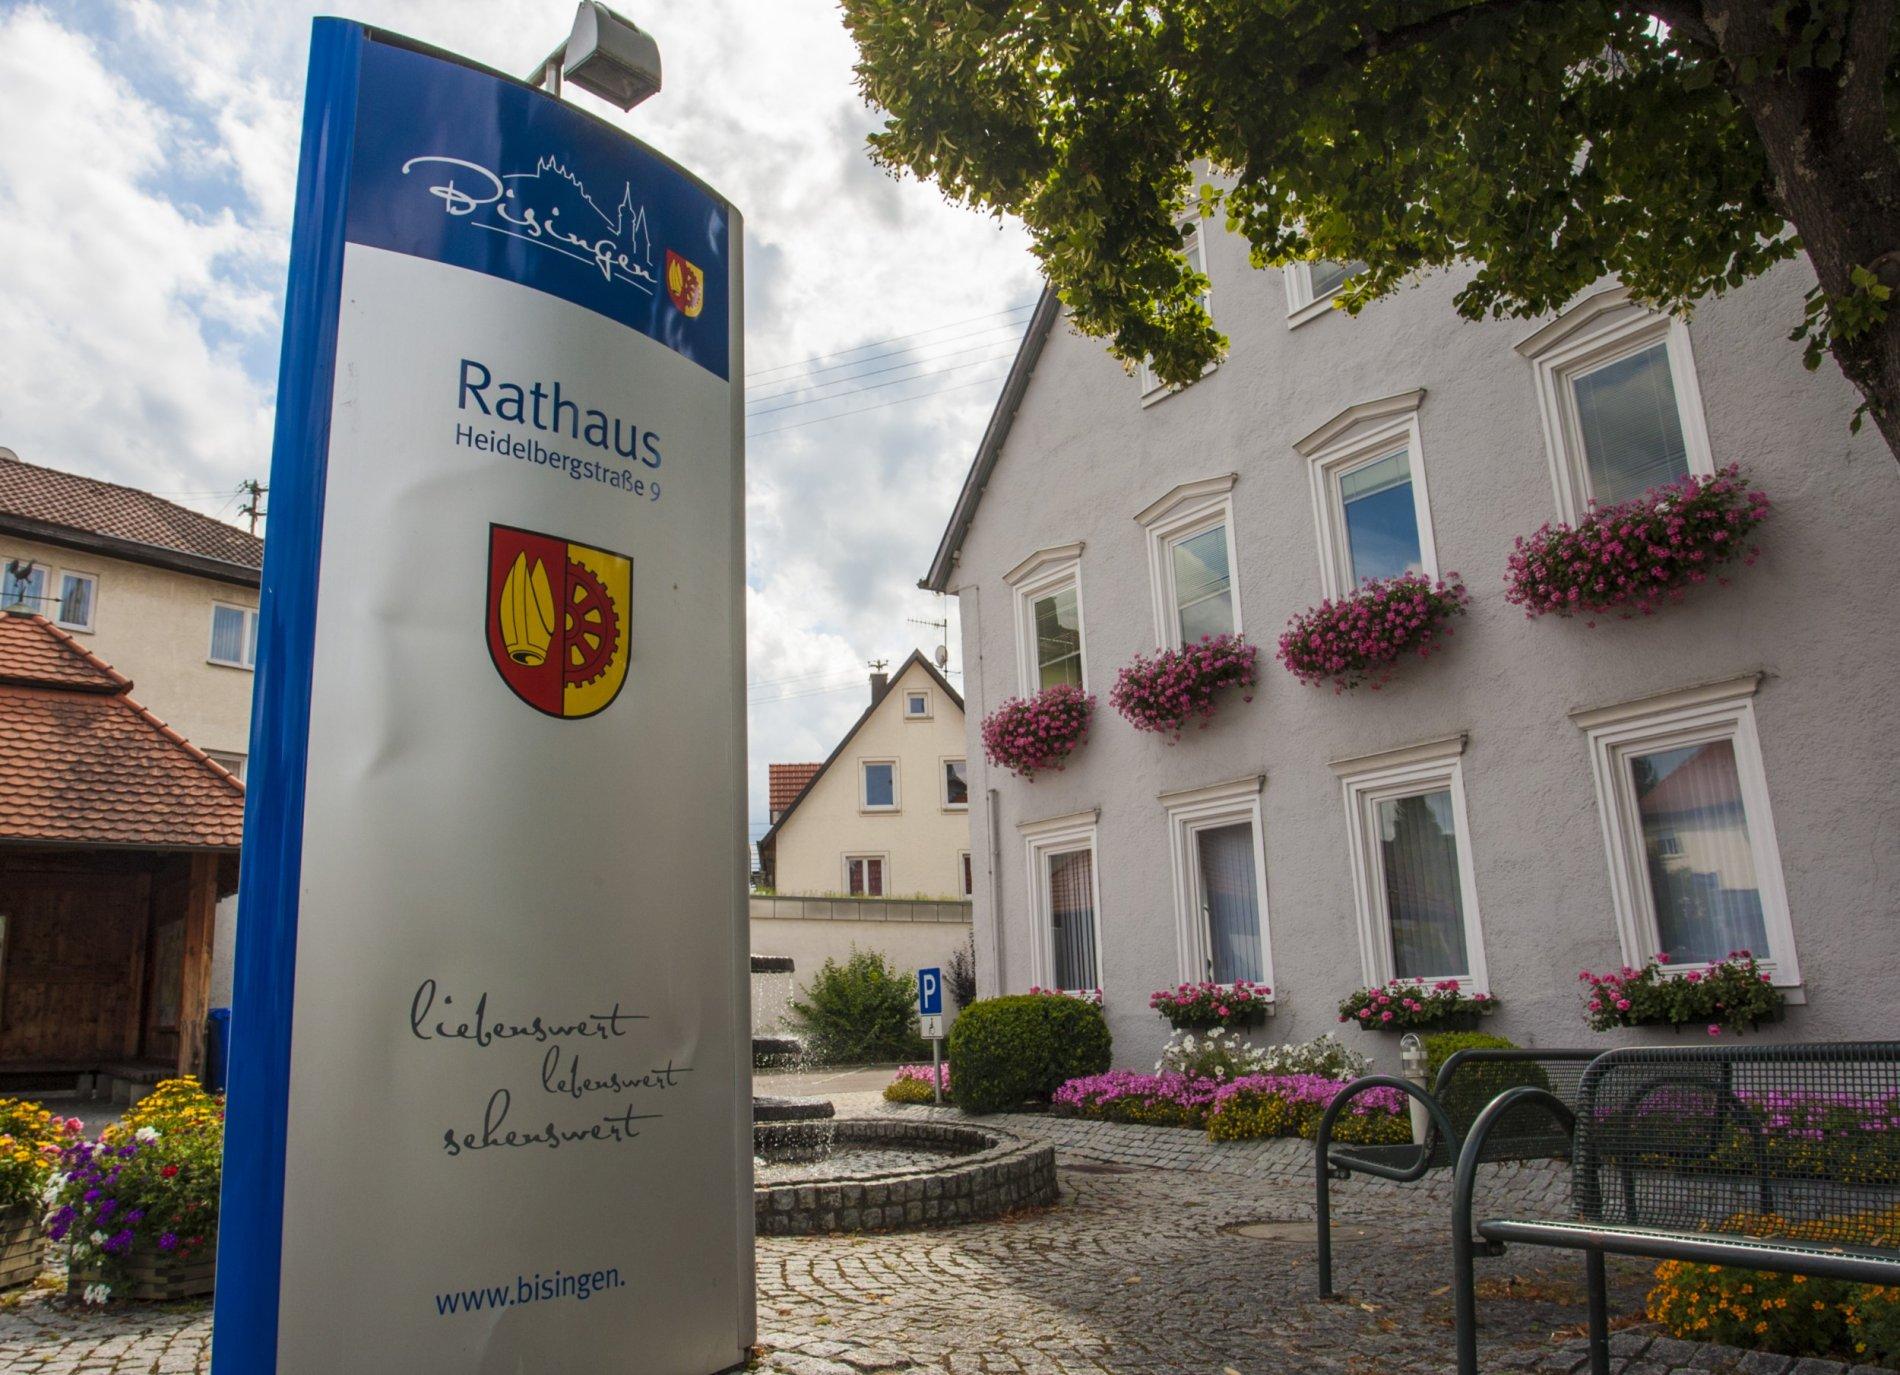 Rathaus Bisingen